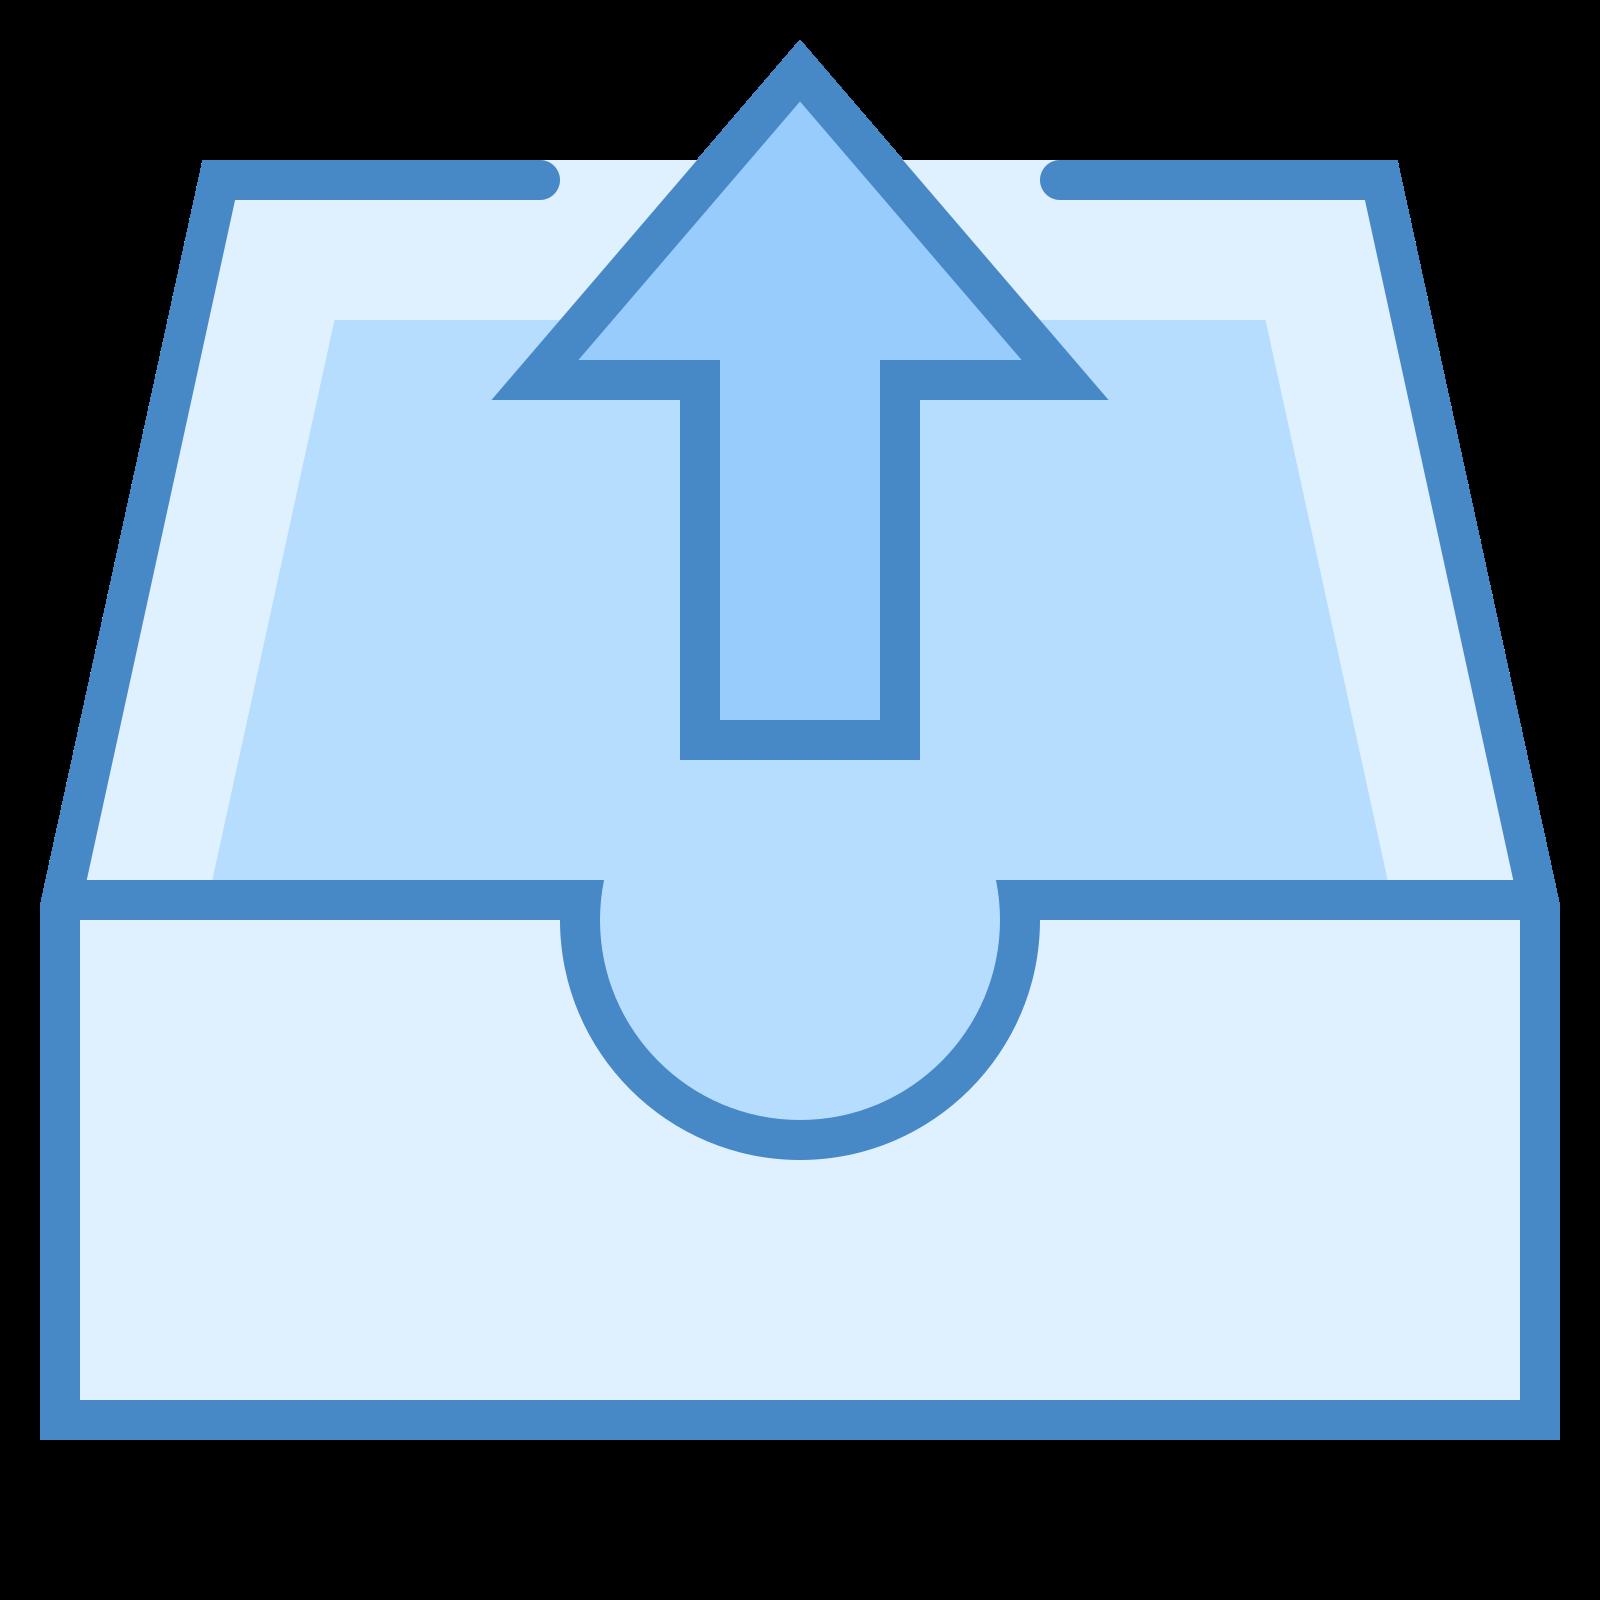 Skrzynka nadawcza icon